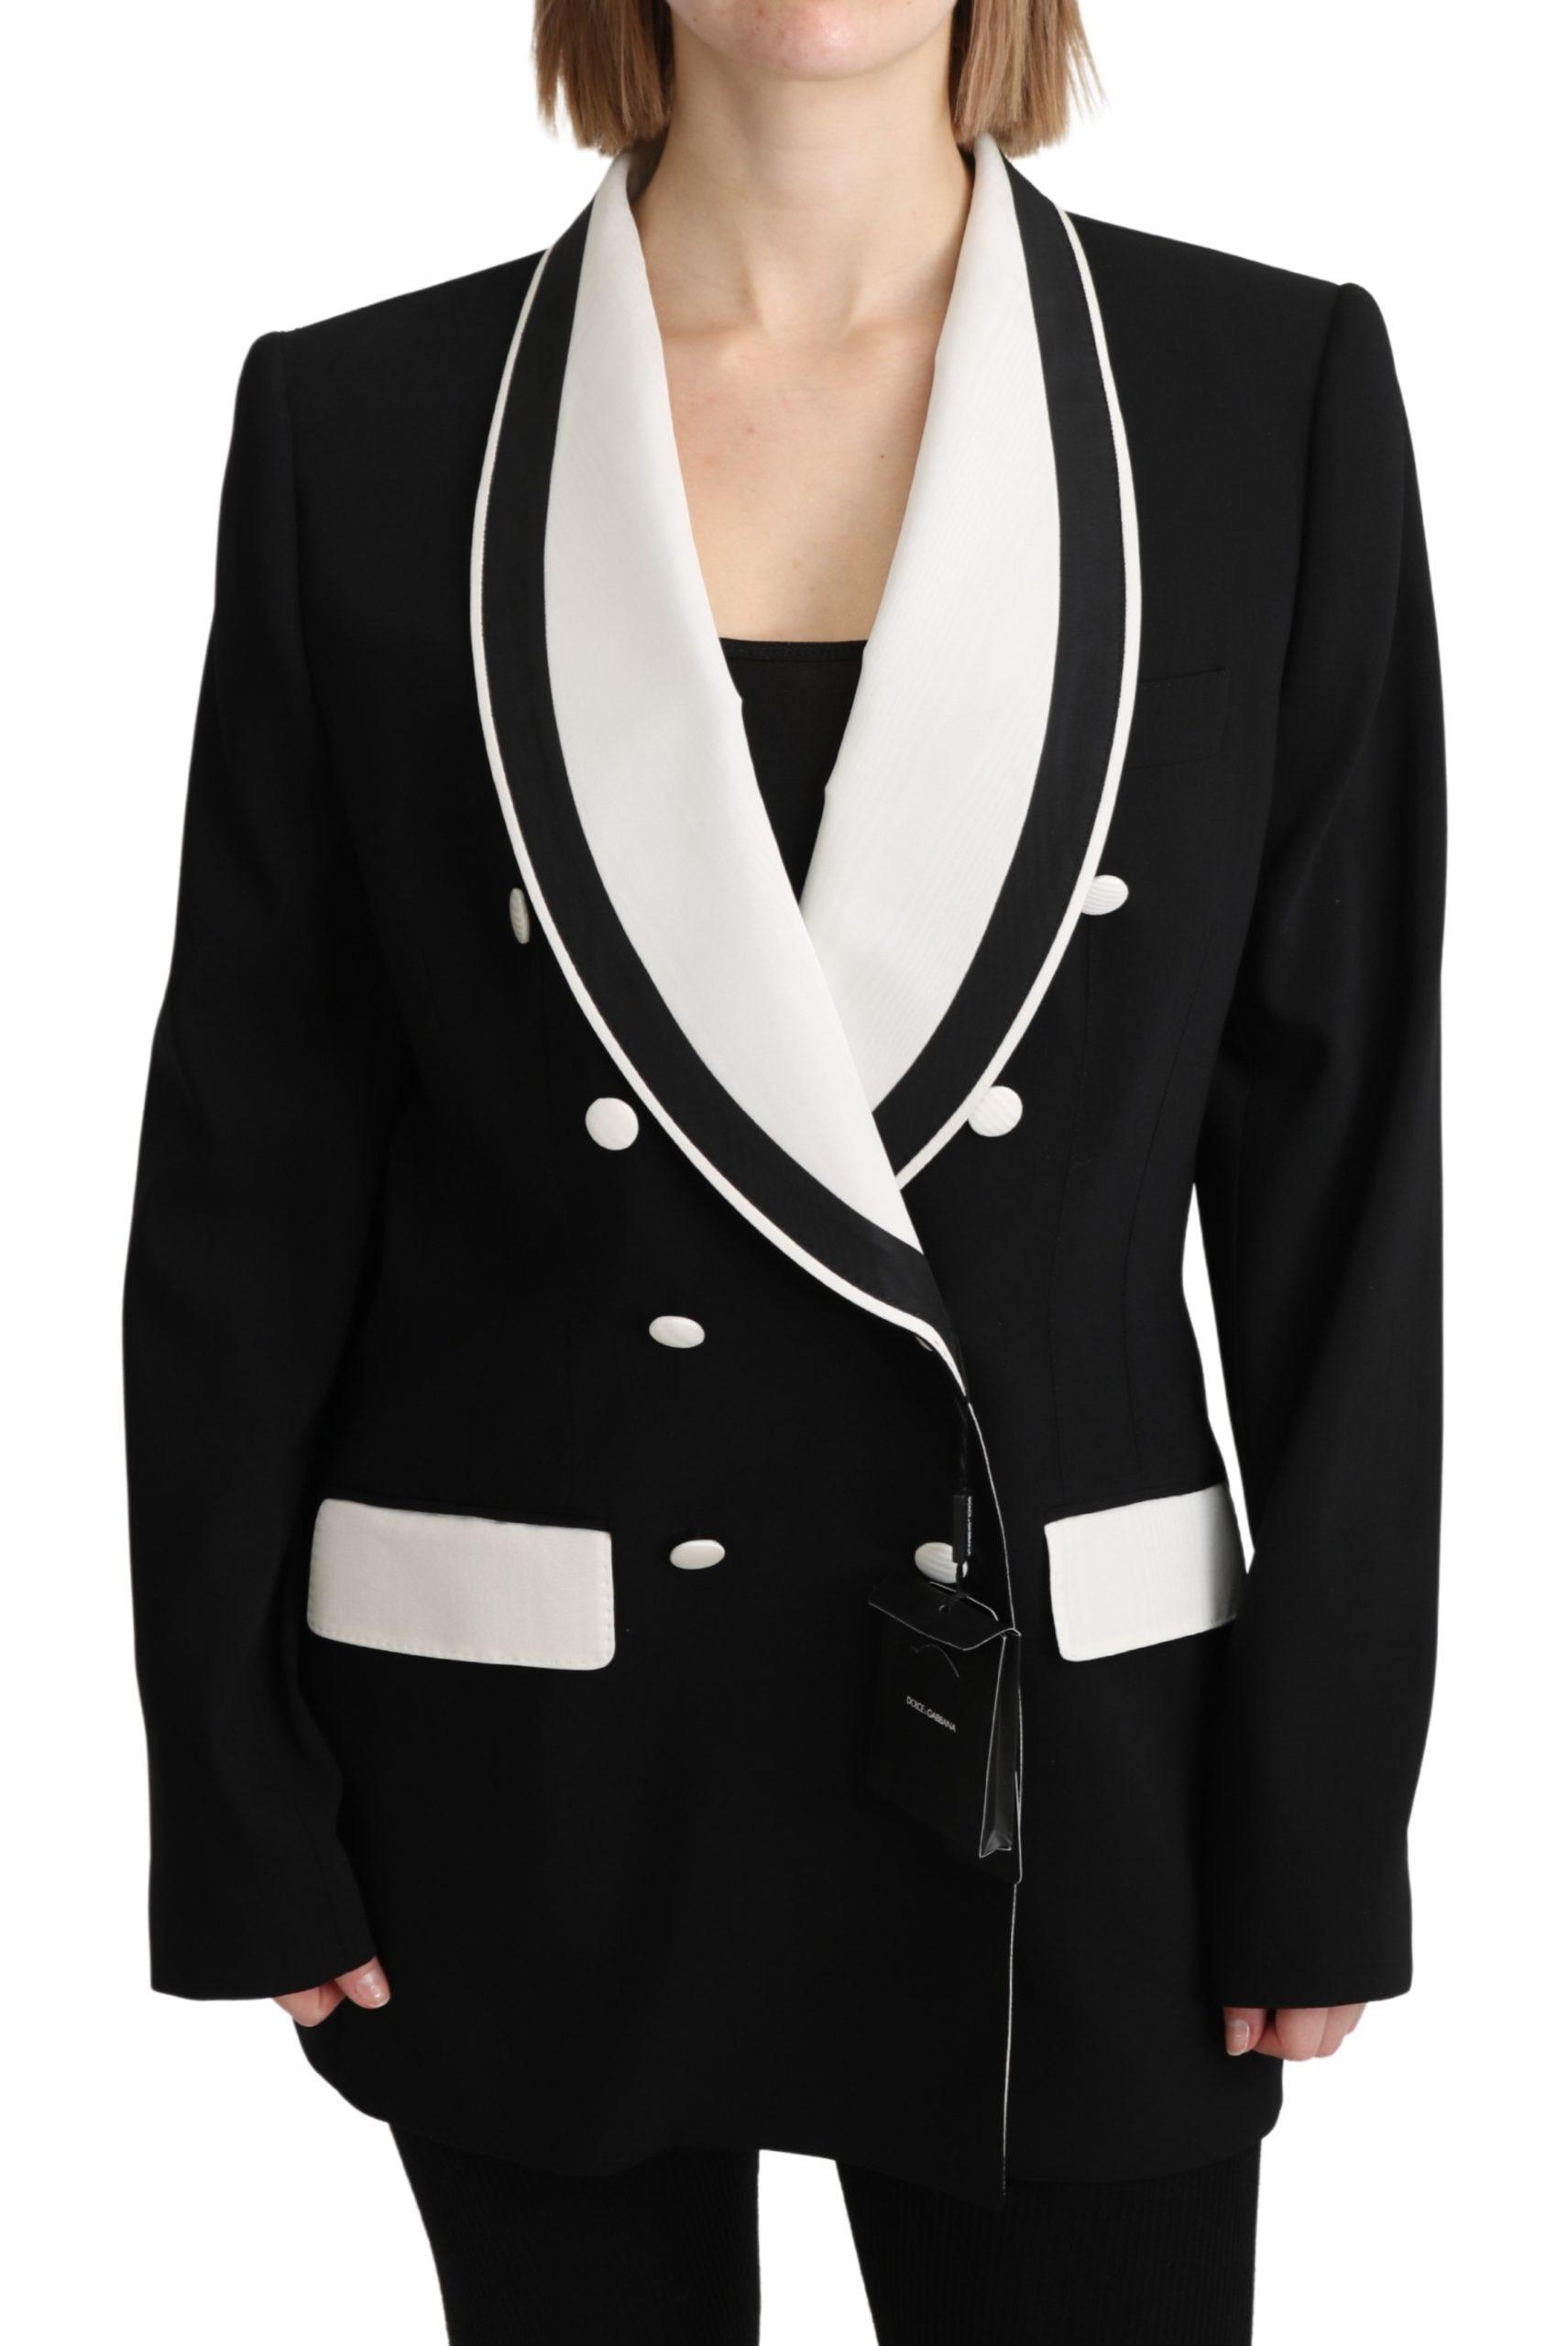 Dolce & Gabbana Women's Double Breasted Blazer Wool Jacket Black KOS1796 - IT48|XXL